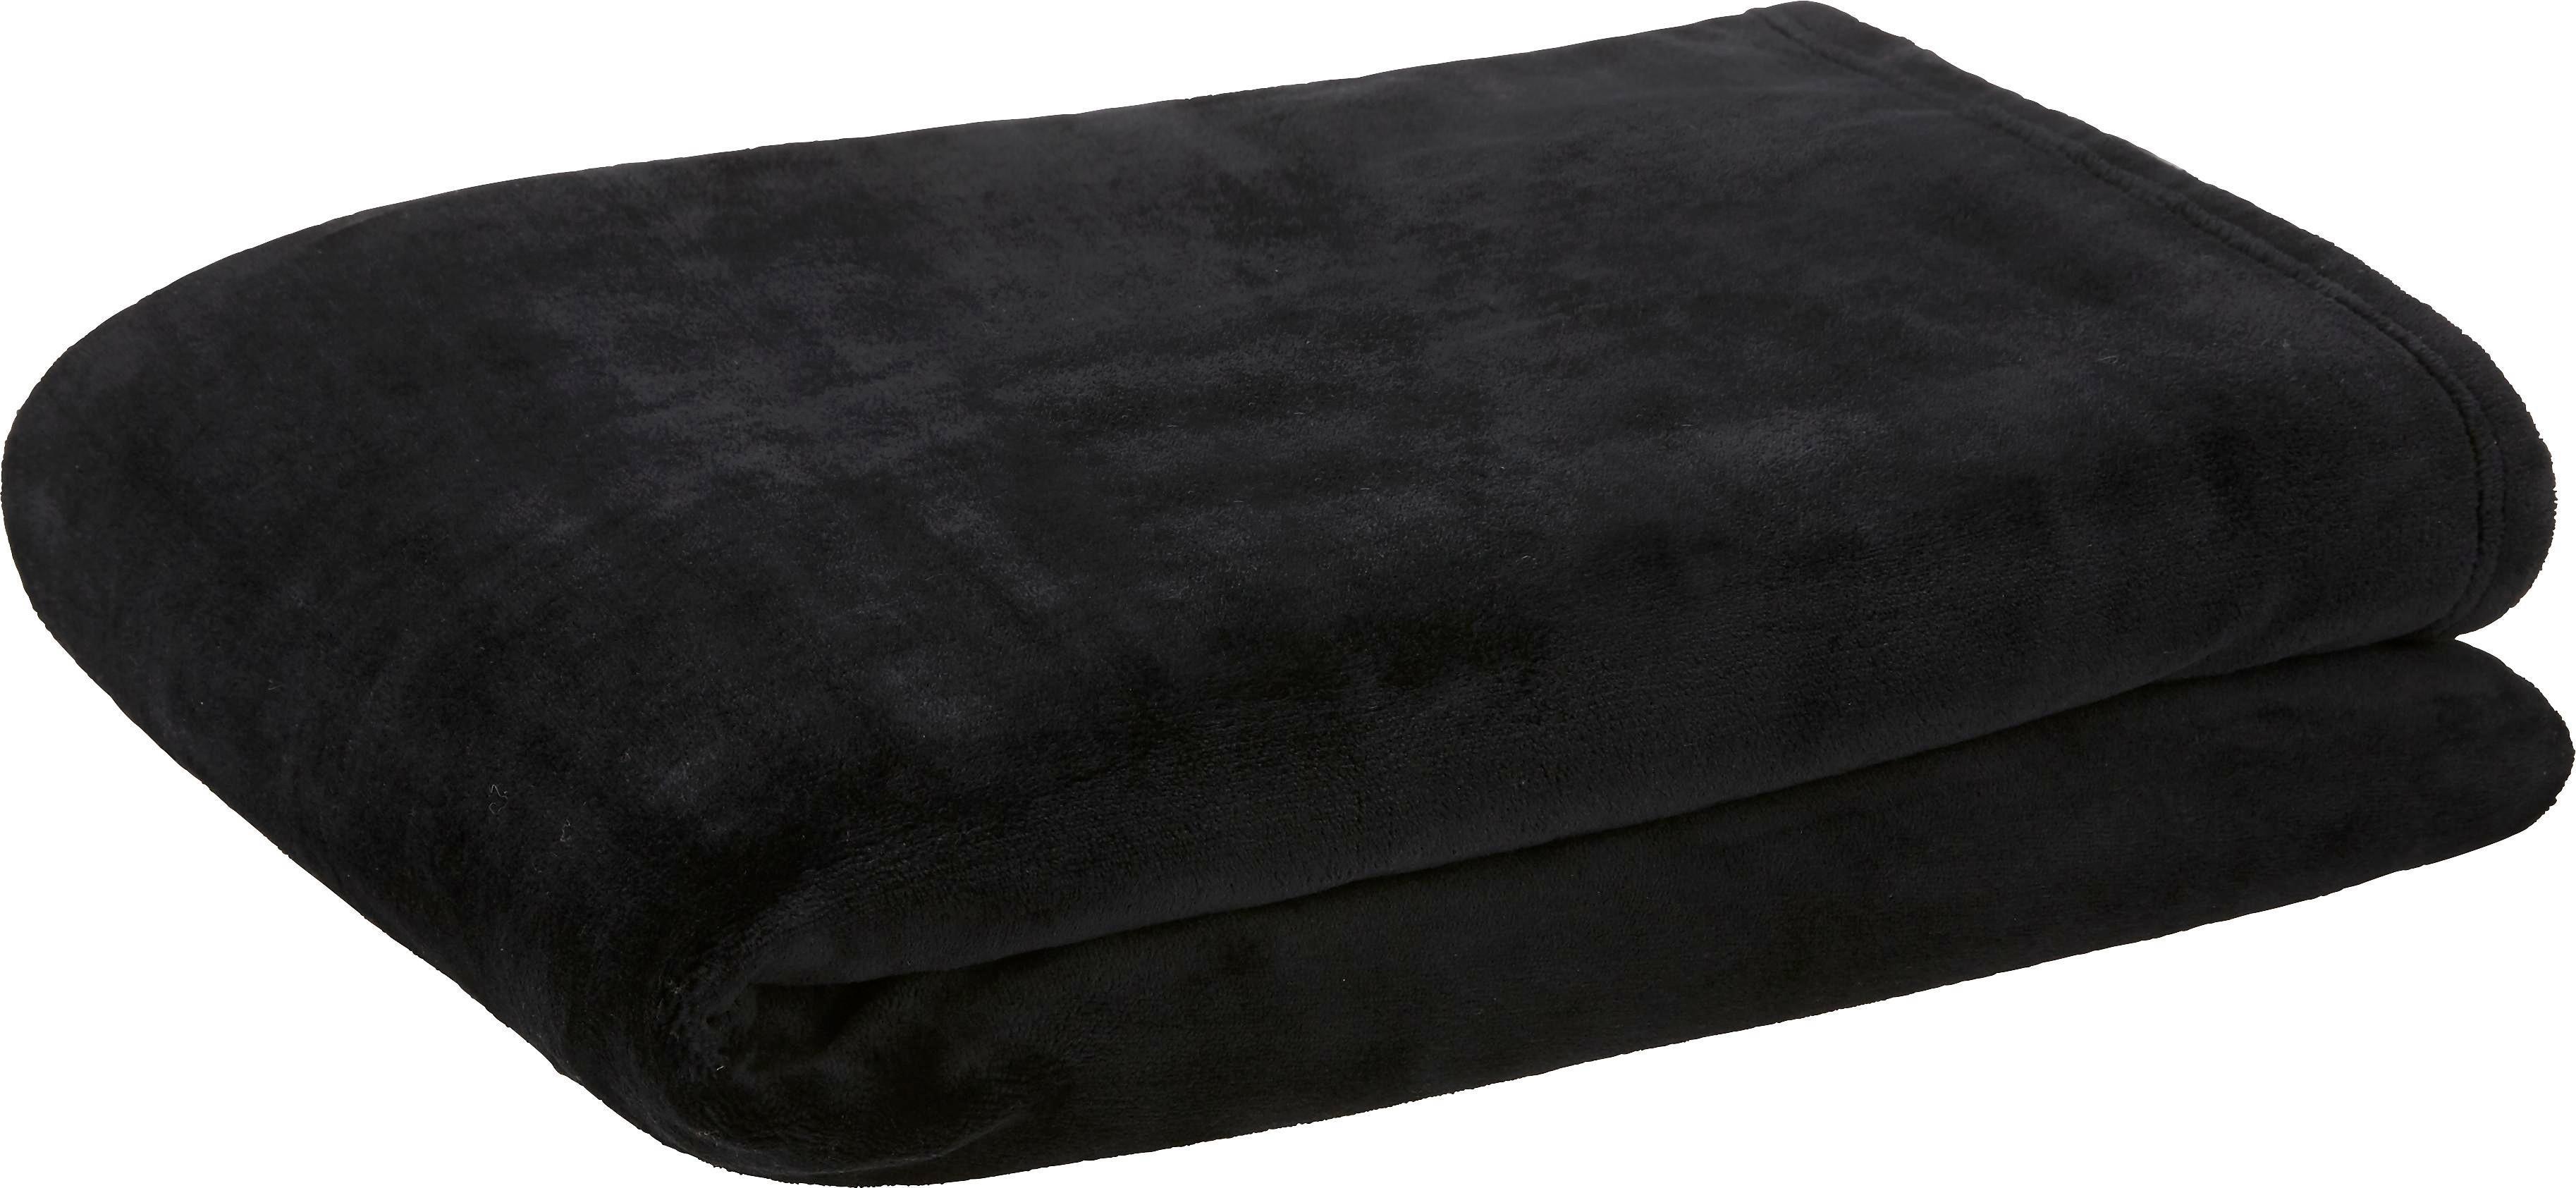 PUHA TAKARÓ KUSCHELIX - fekete, textil (140/200cm) - MÖMAX modern living